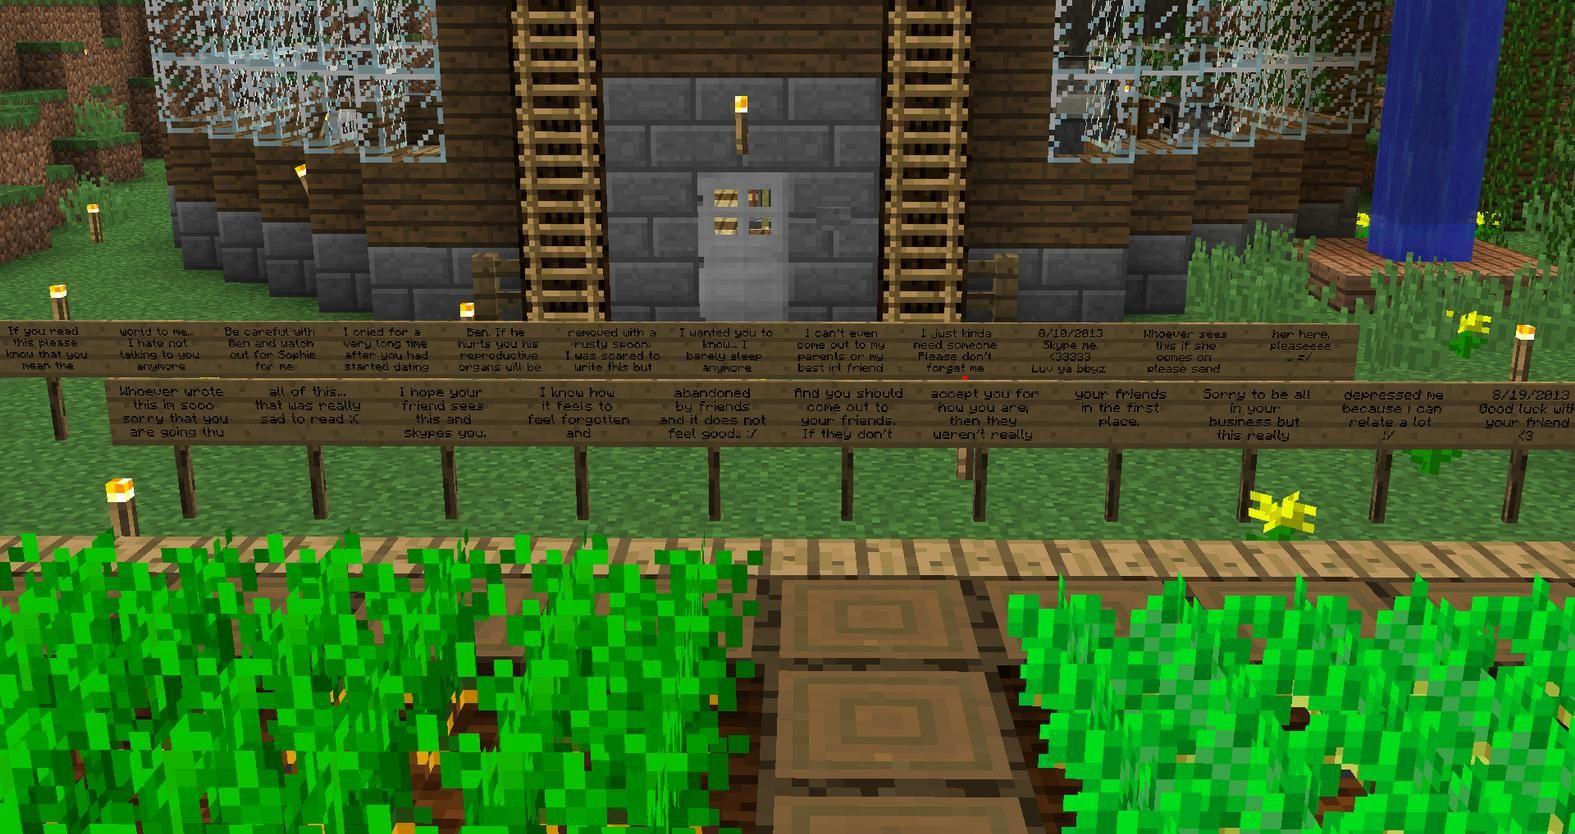 Minecraft Data Mining Reveals Players Darkest Secrets Depressing - Minecraft hochhauser